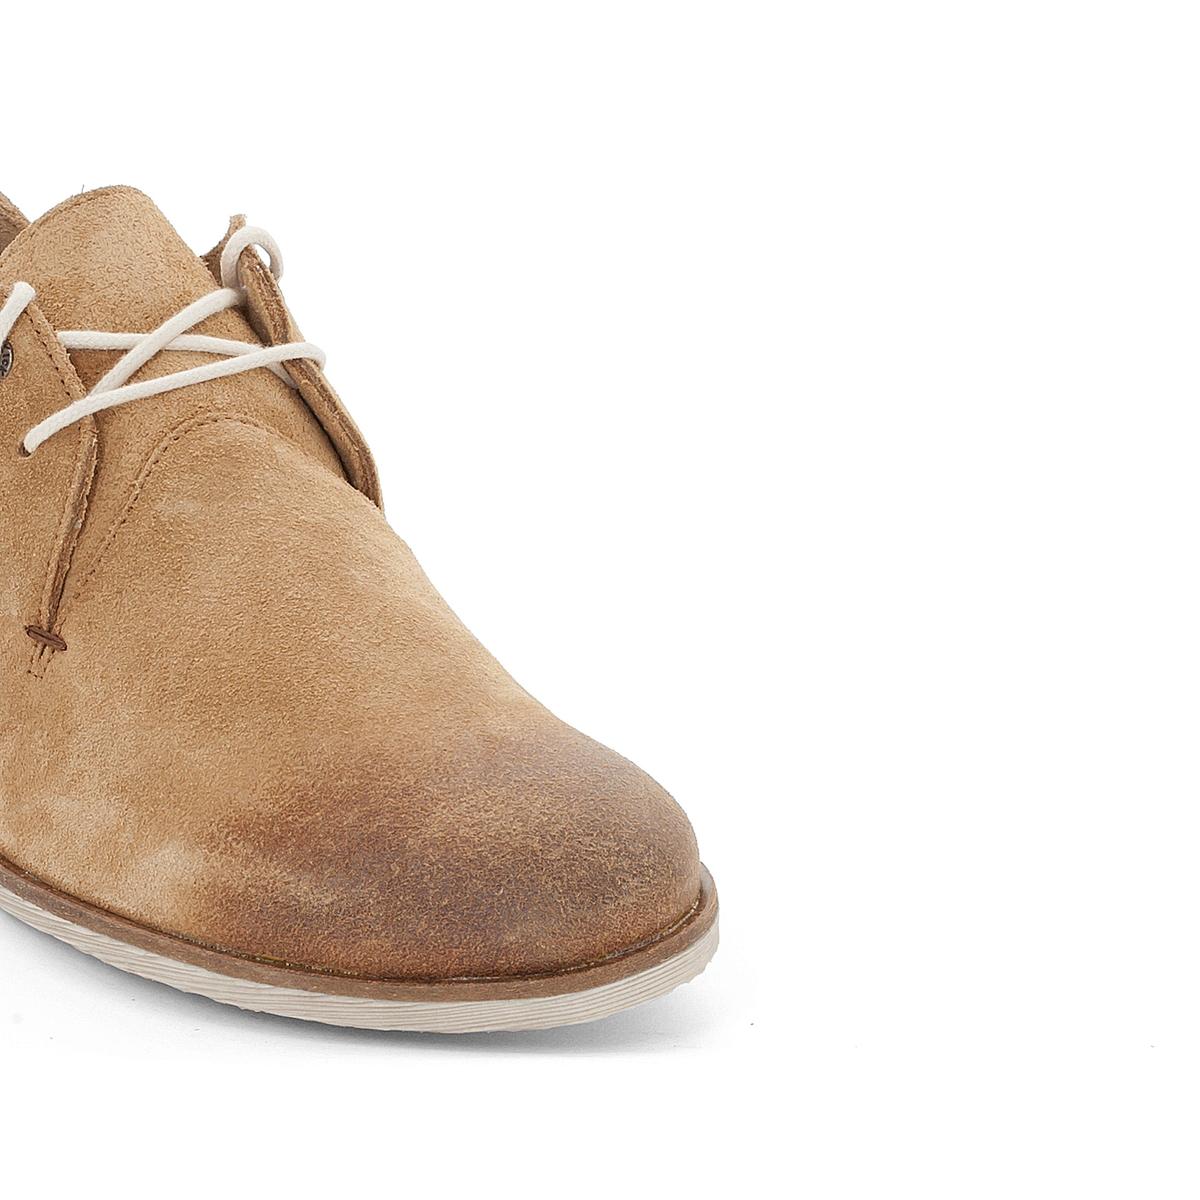 Ботинки-оксфорды кожаные FlallinaВерх : велюр    Подкладка : без подкладки   Стелька : синтетика   Подошва : синтетика   Застежка : шнуровка<br><br>Цвет: бежевый